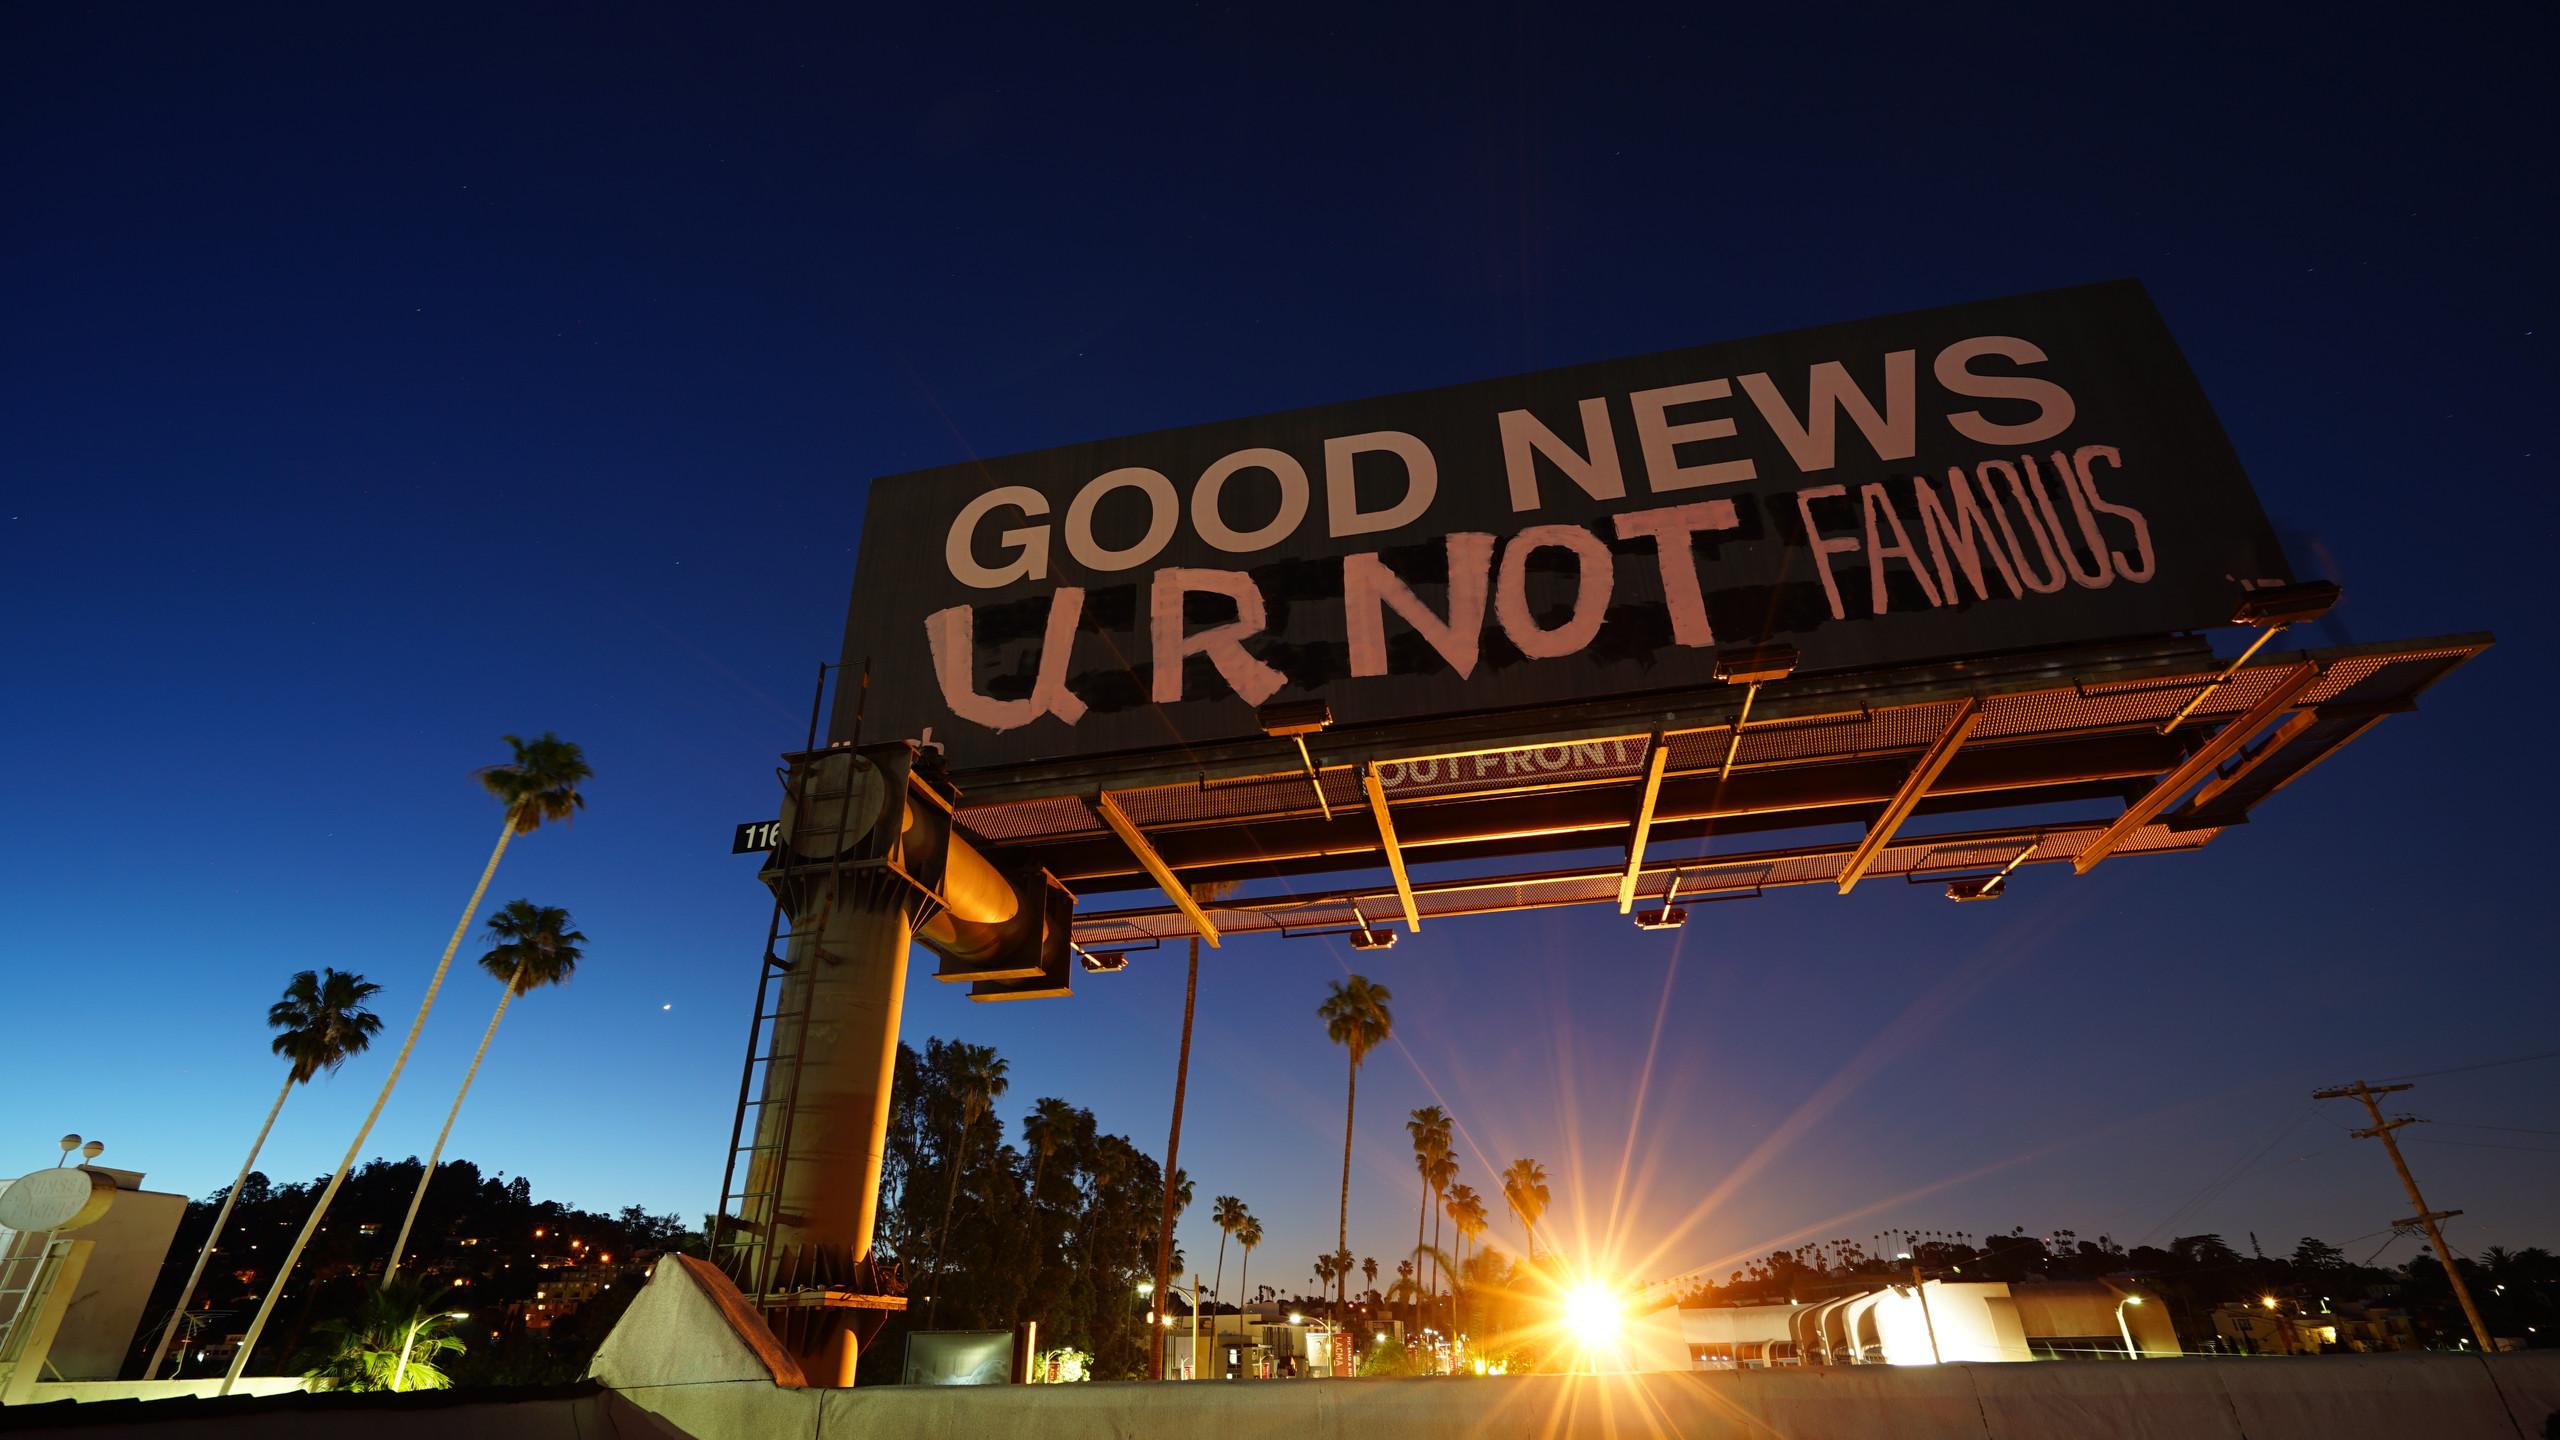 Billboard takeover in LA